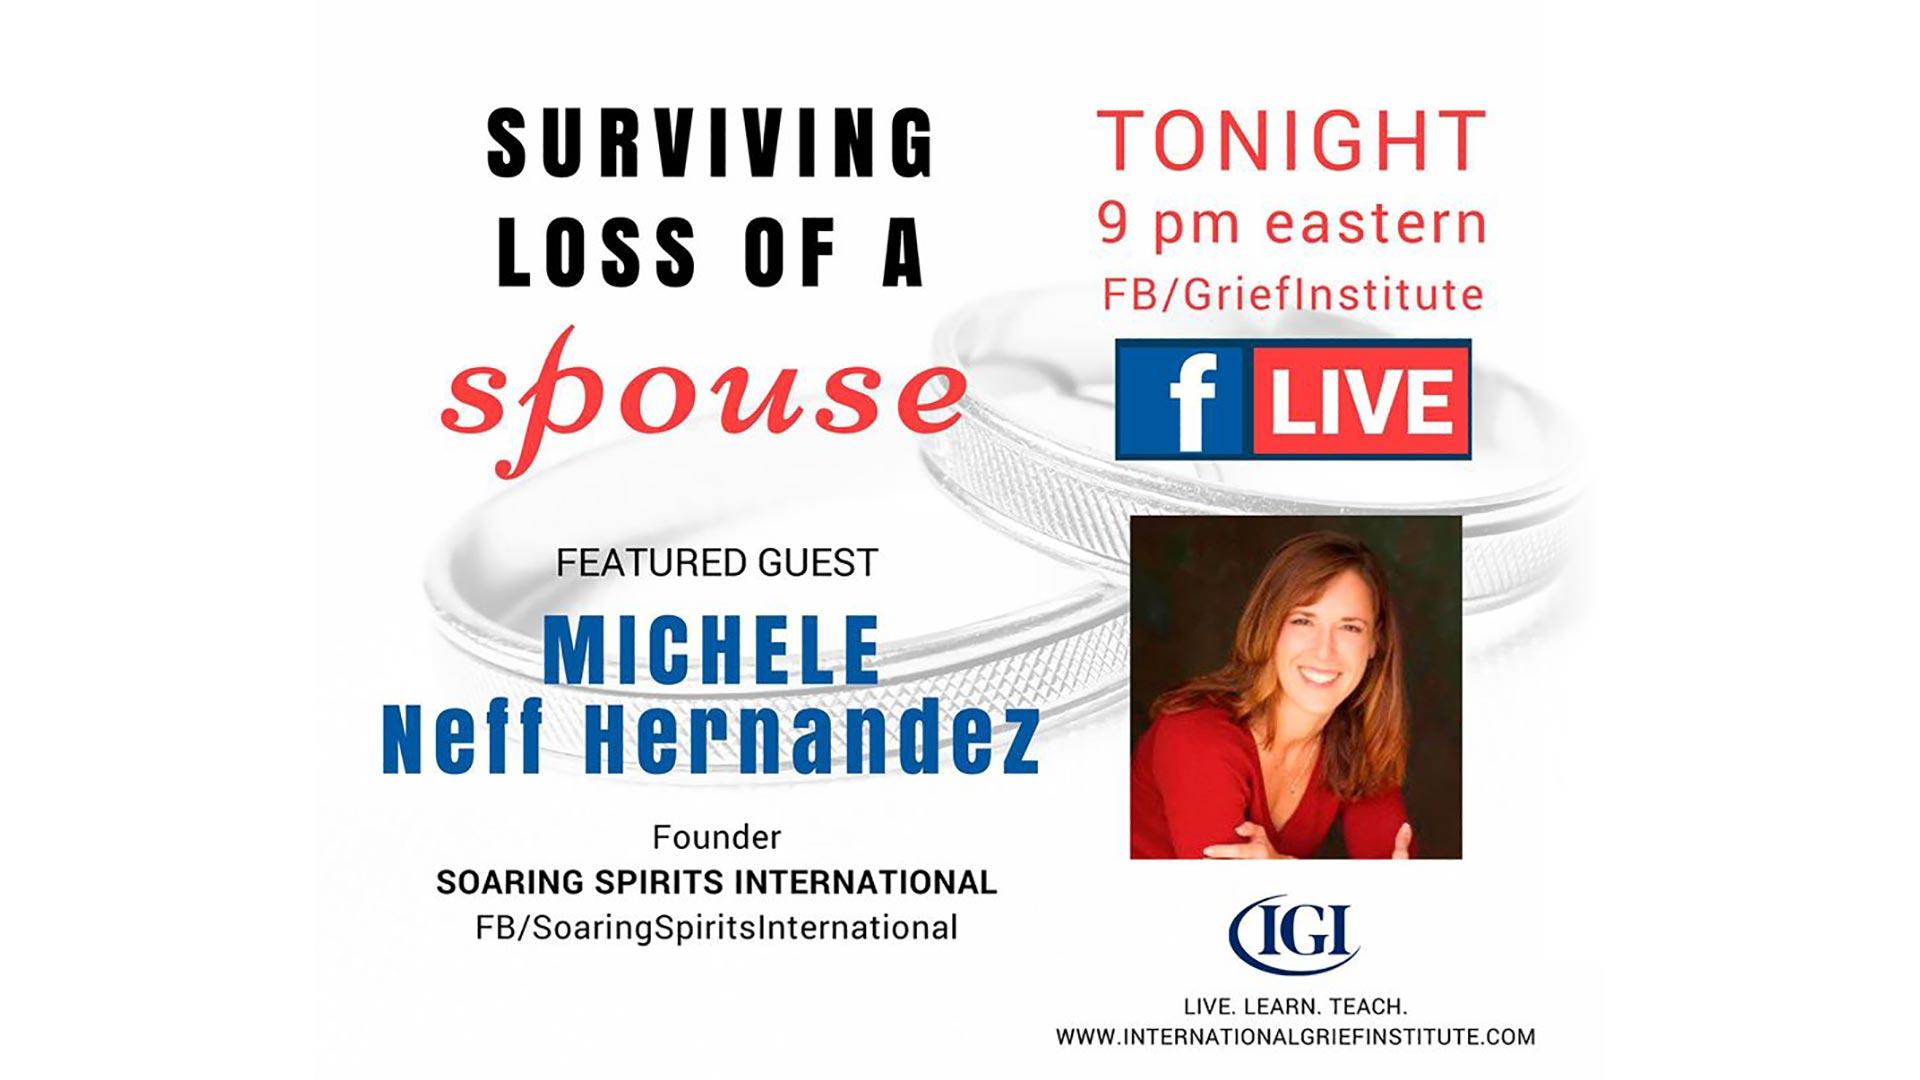 Surviving Loss of a Spouse